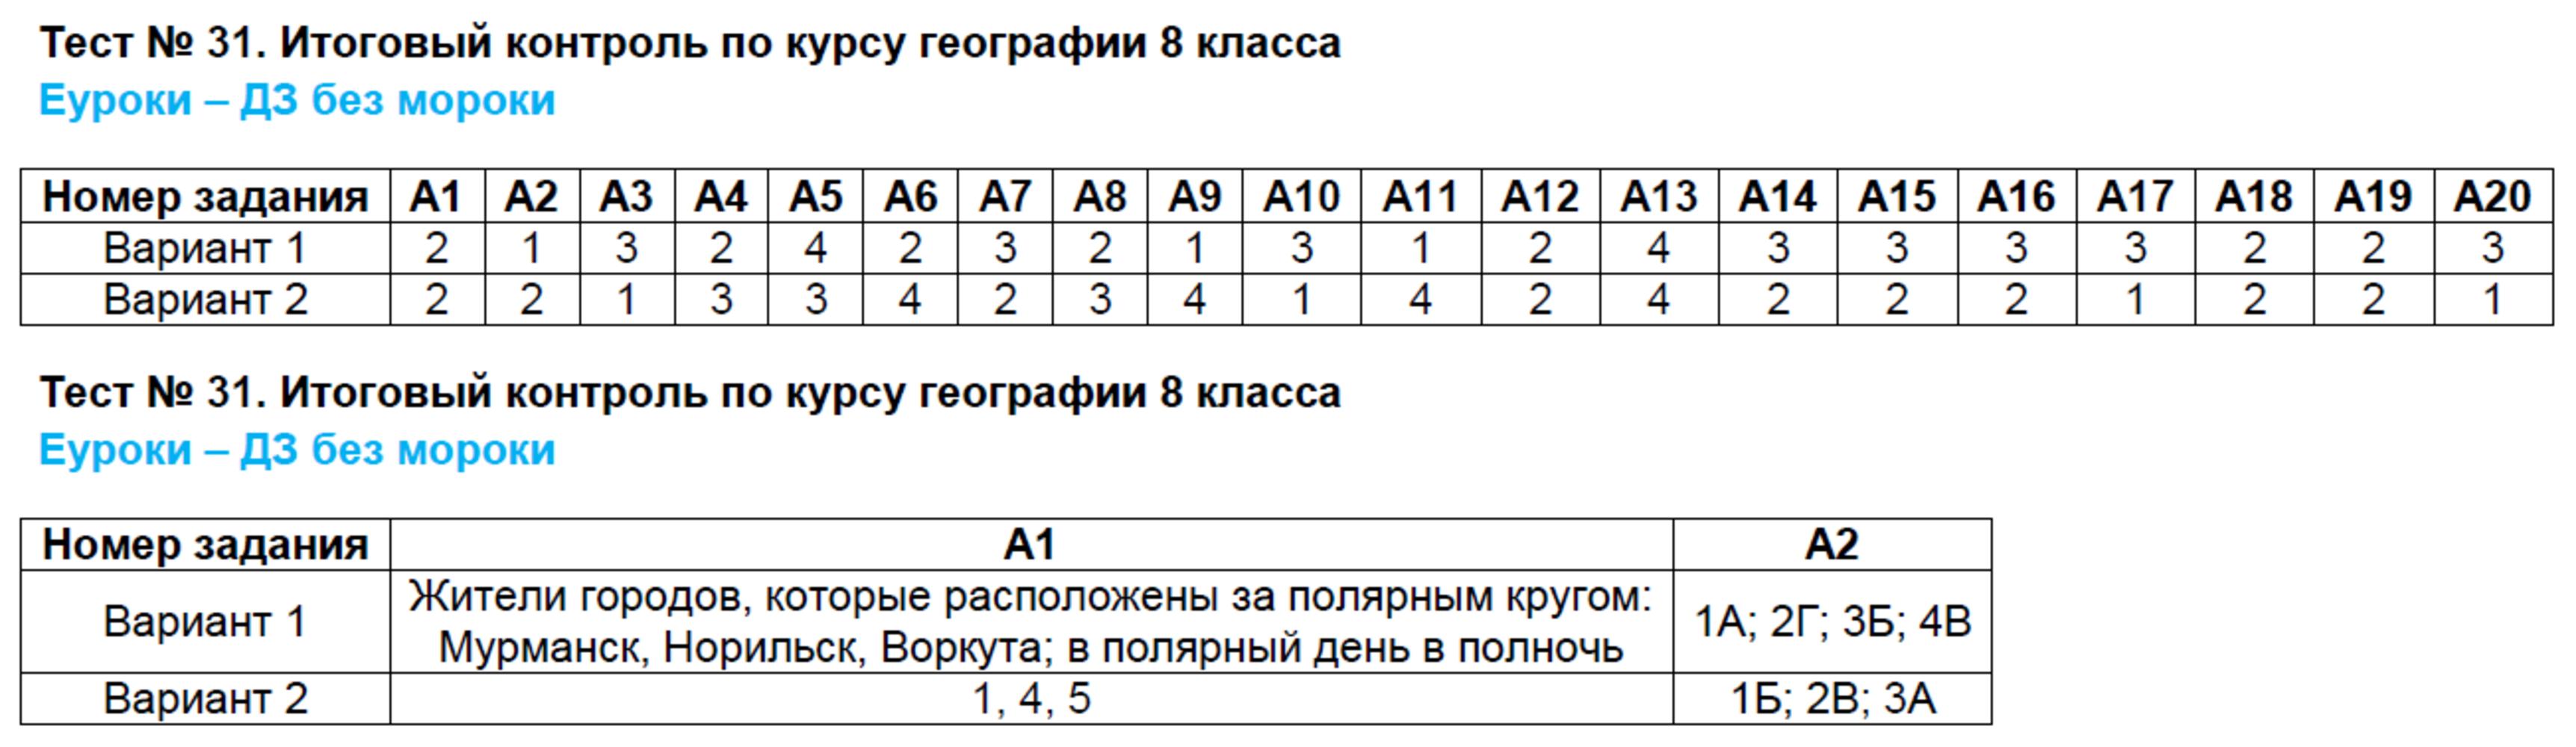 ГДЗ по географии 8 класс контрольно-измерительные материалы Жижина. Задание: Тест 31. Итоговый контроль по курсу географии 8 класса